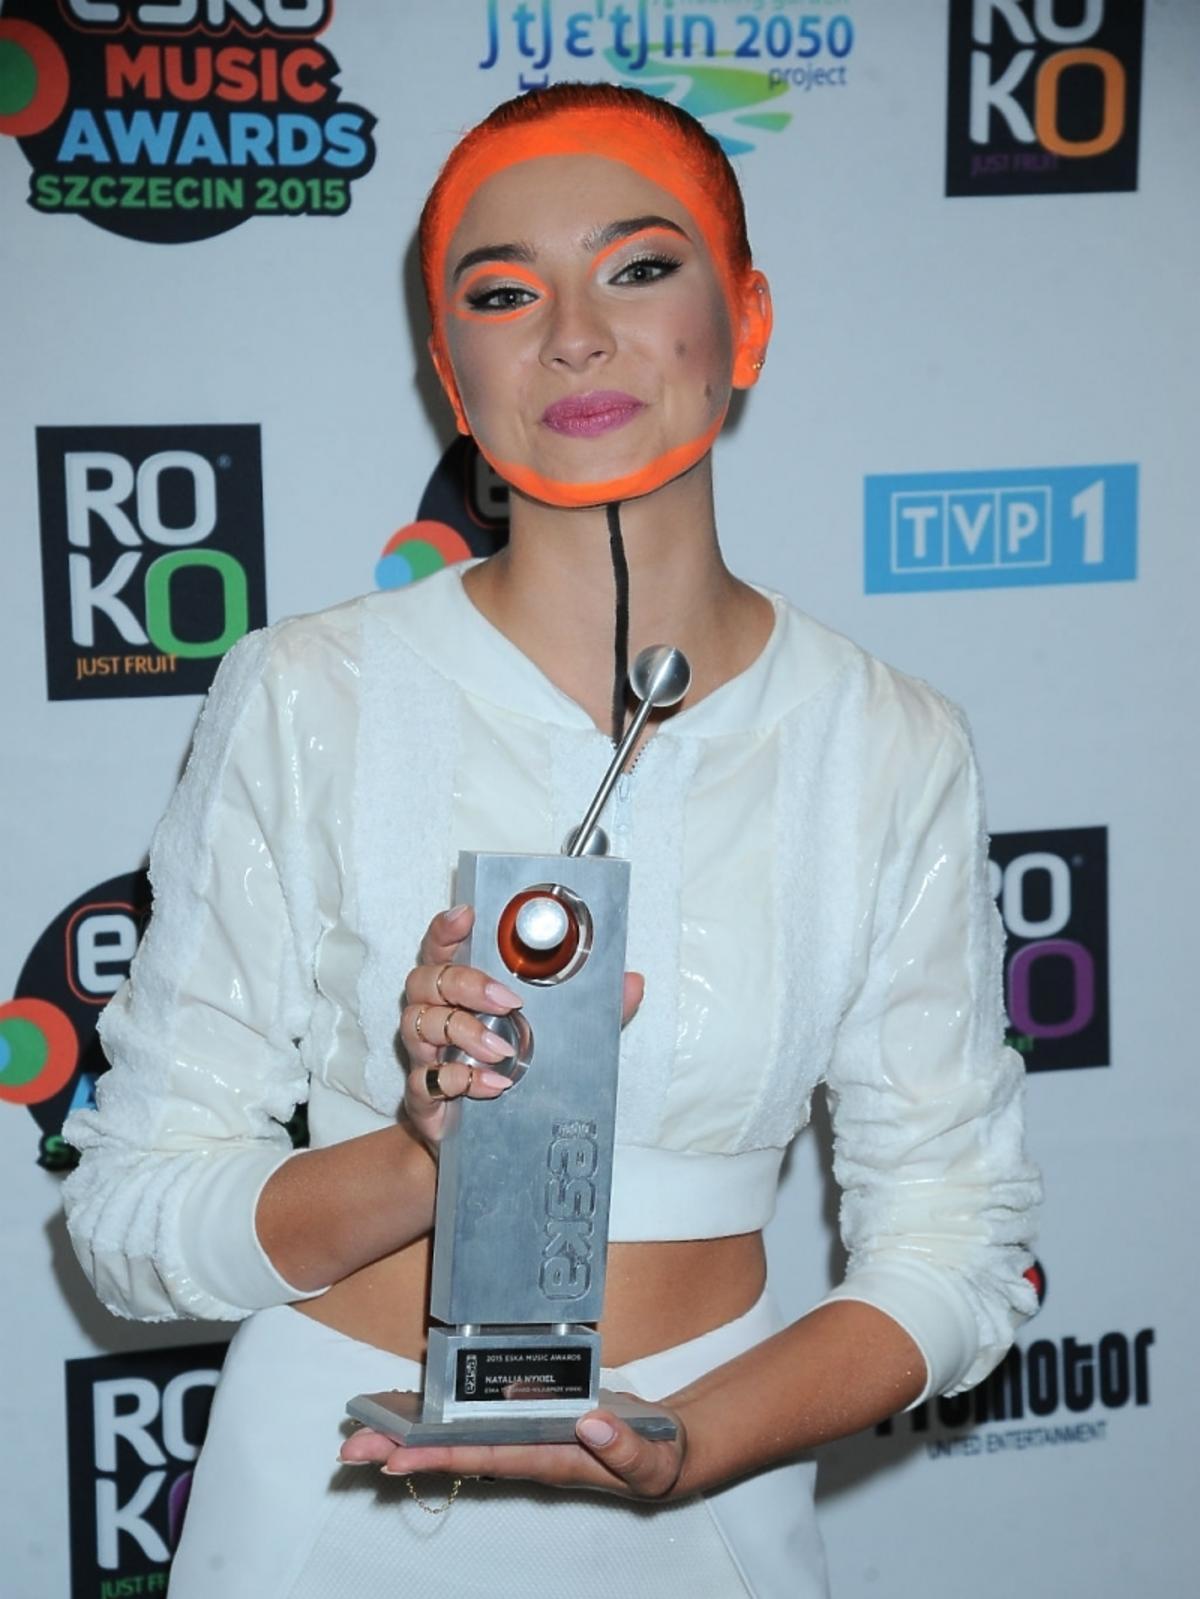 Eska Music Awards 2015 - Natalia Nykiel